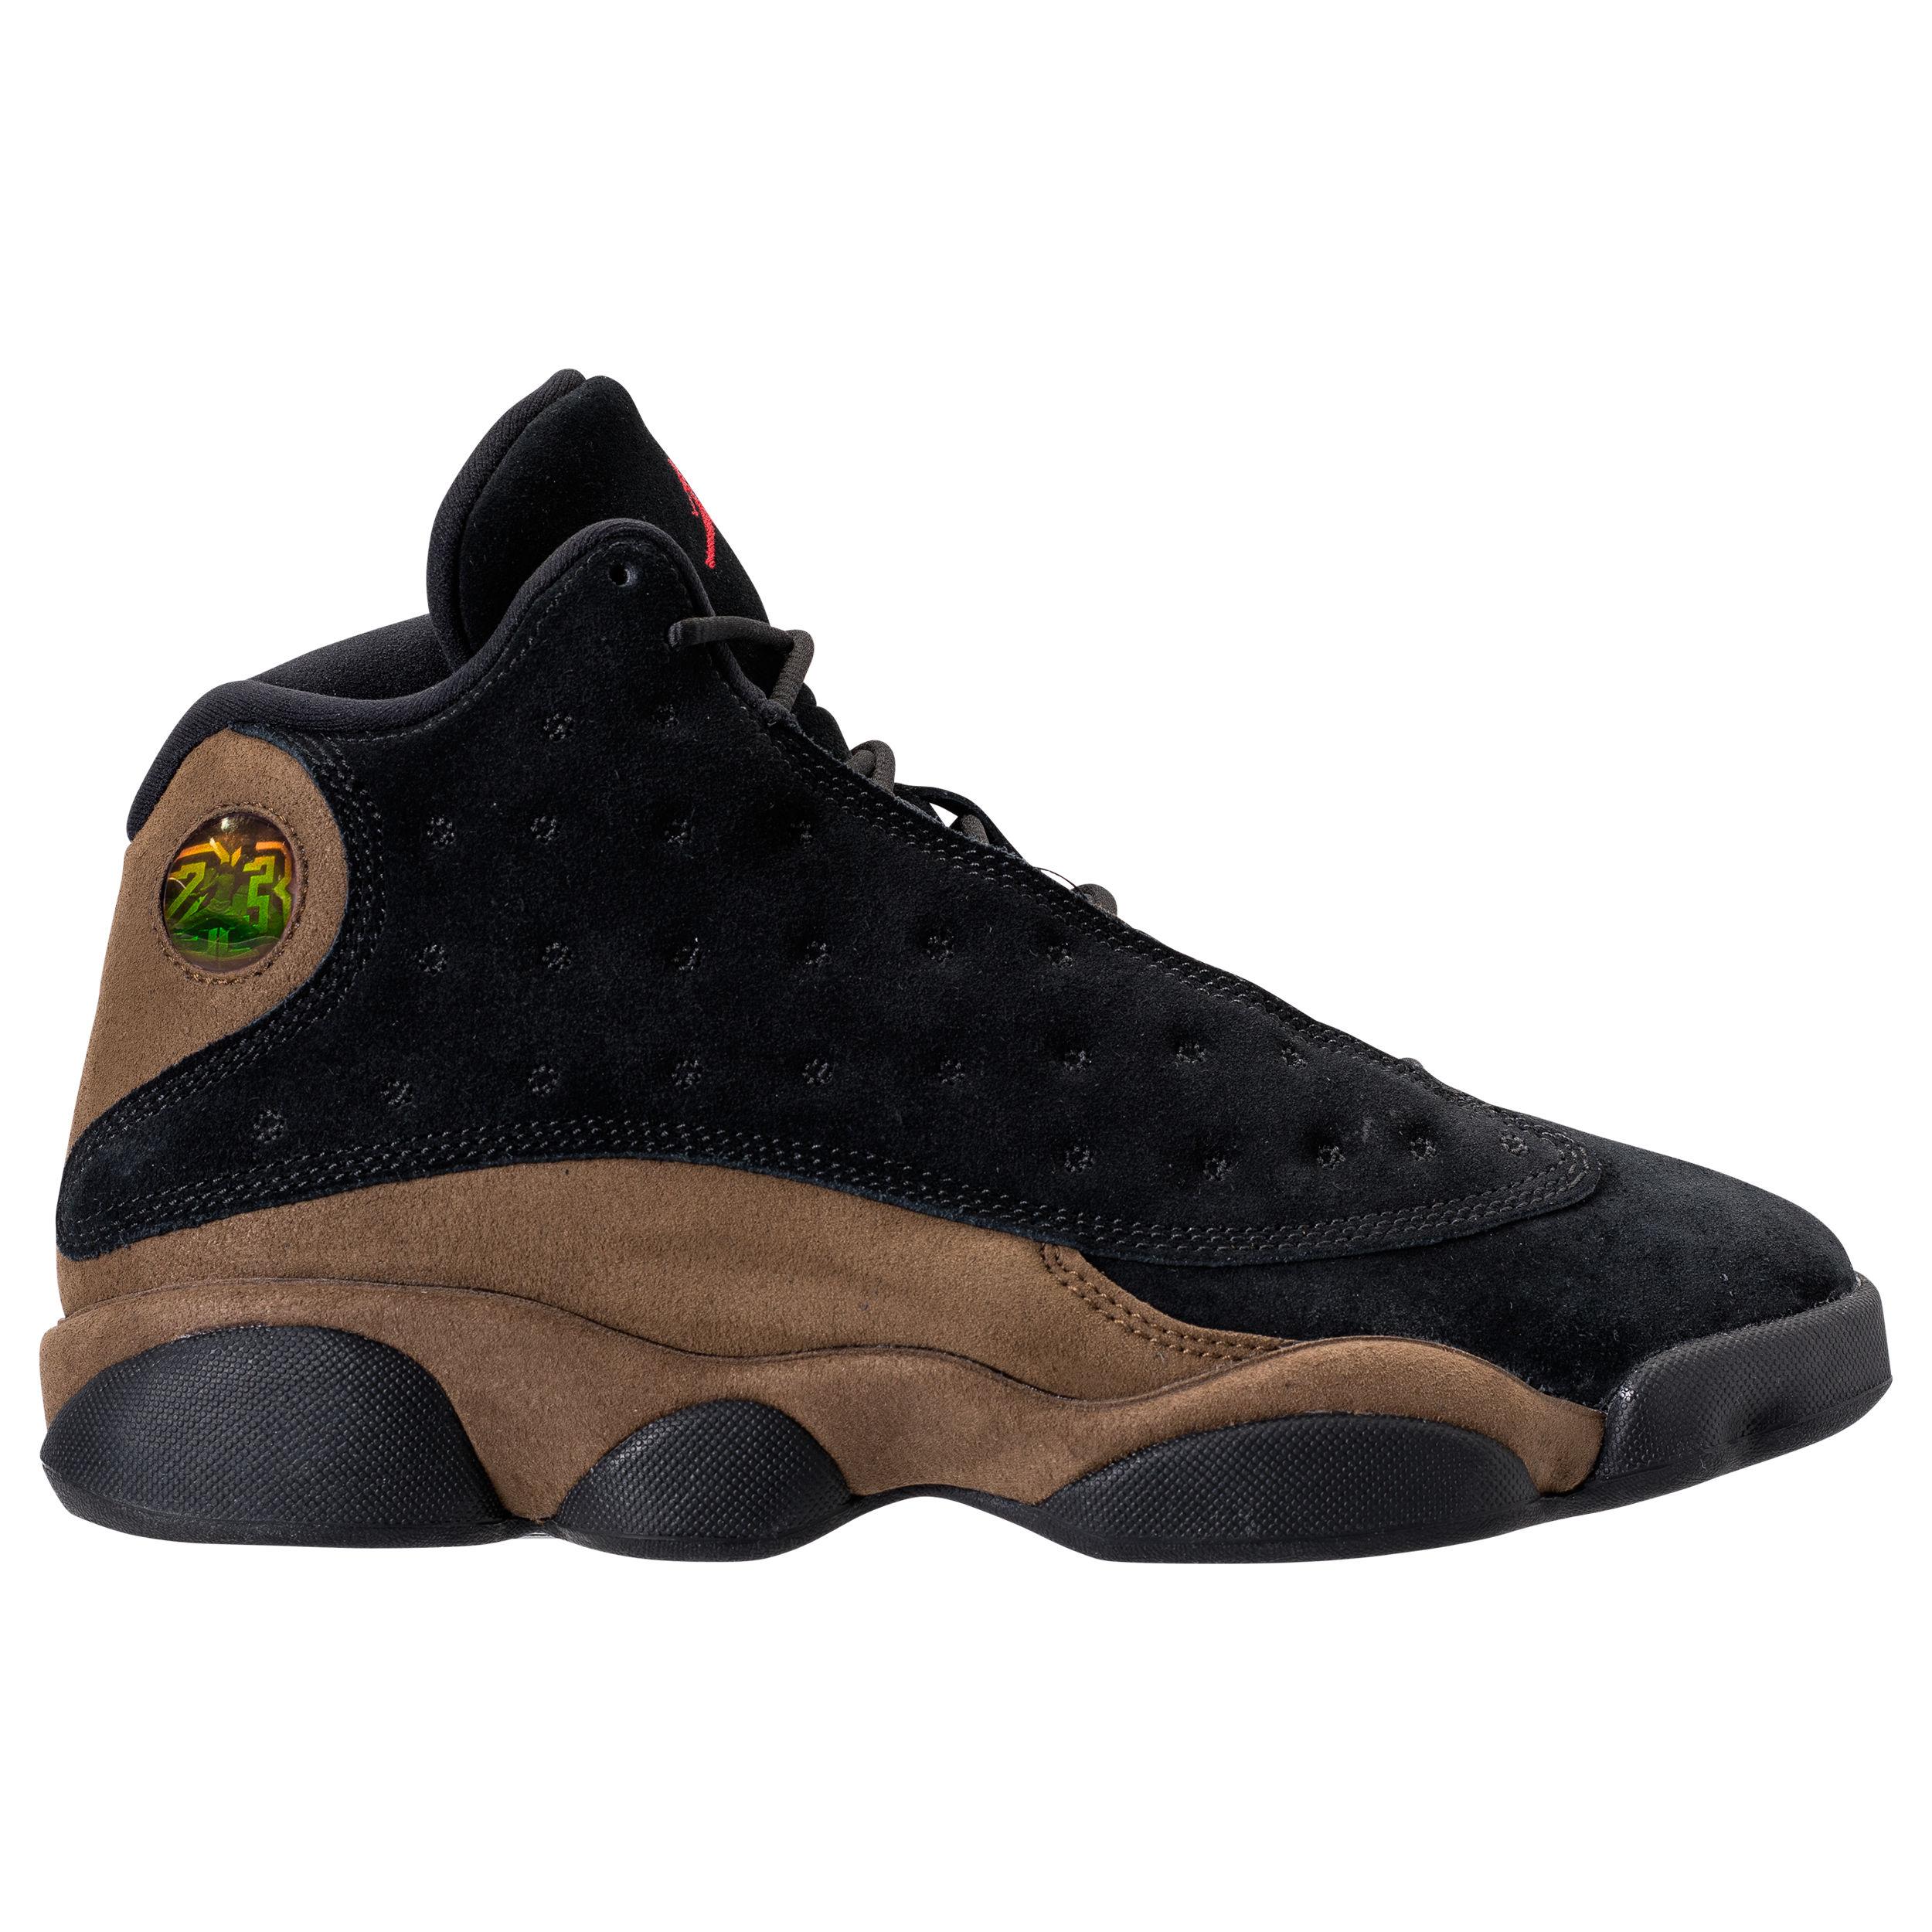 53e9f3e941e5 air jordan 13 olive official · Jordan Brand   Kicks On Court   Retro  Lifestyle ...